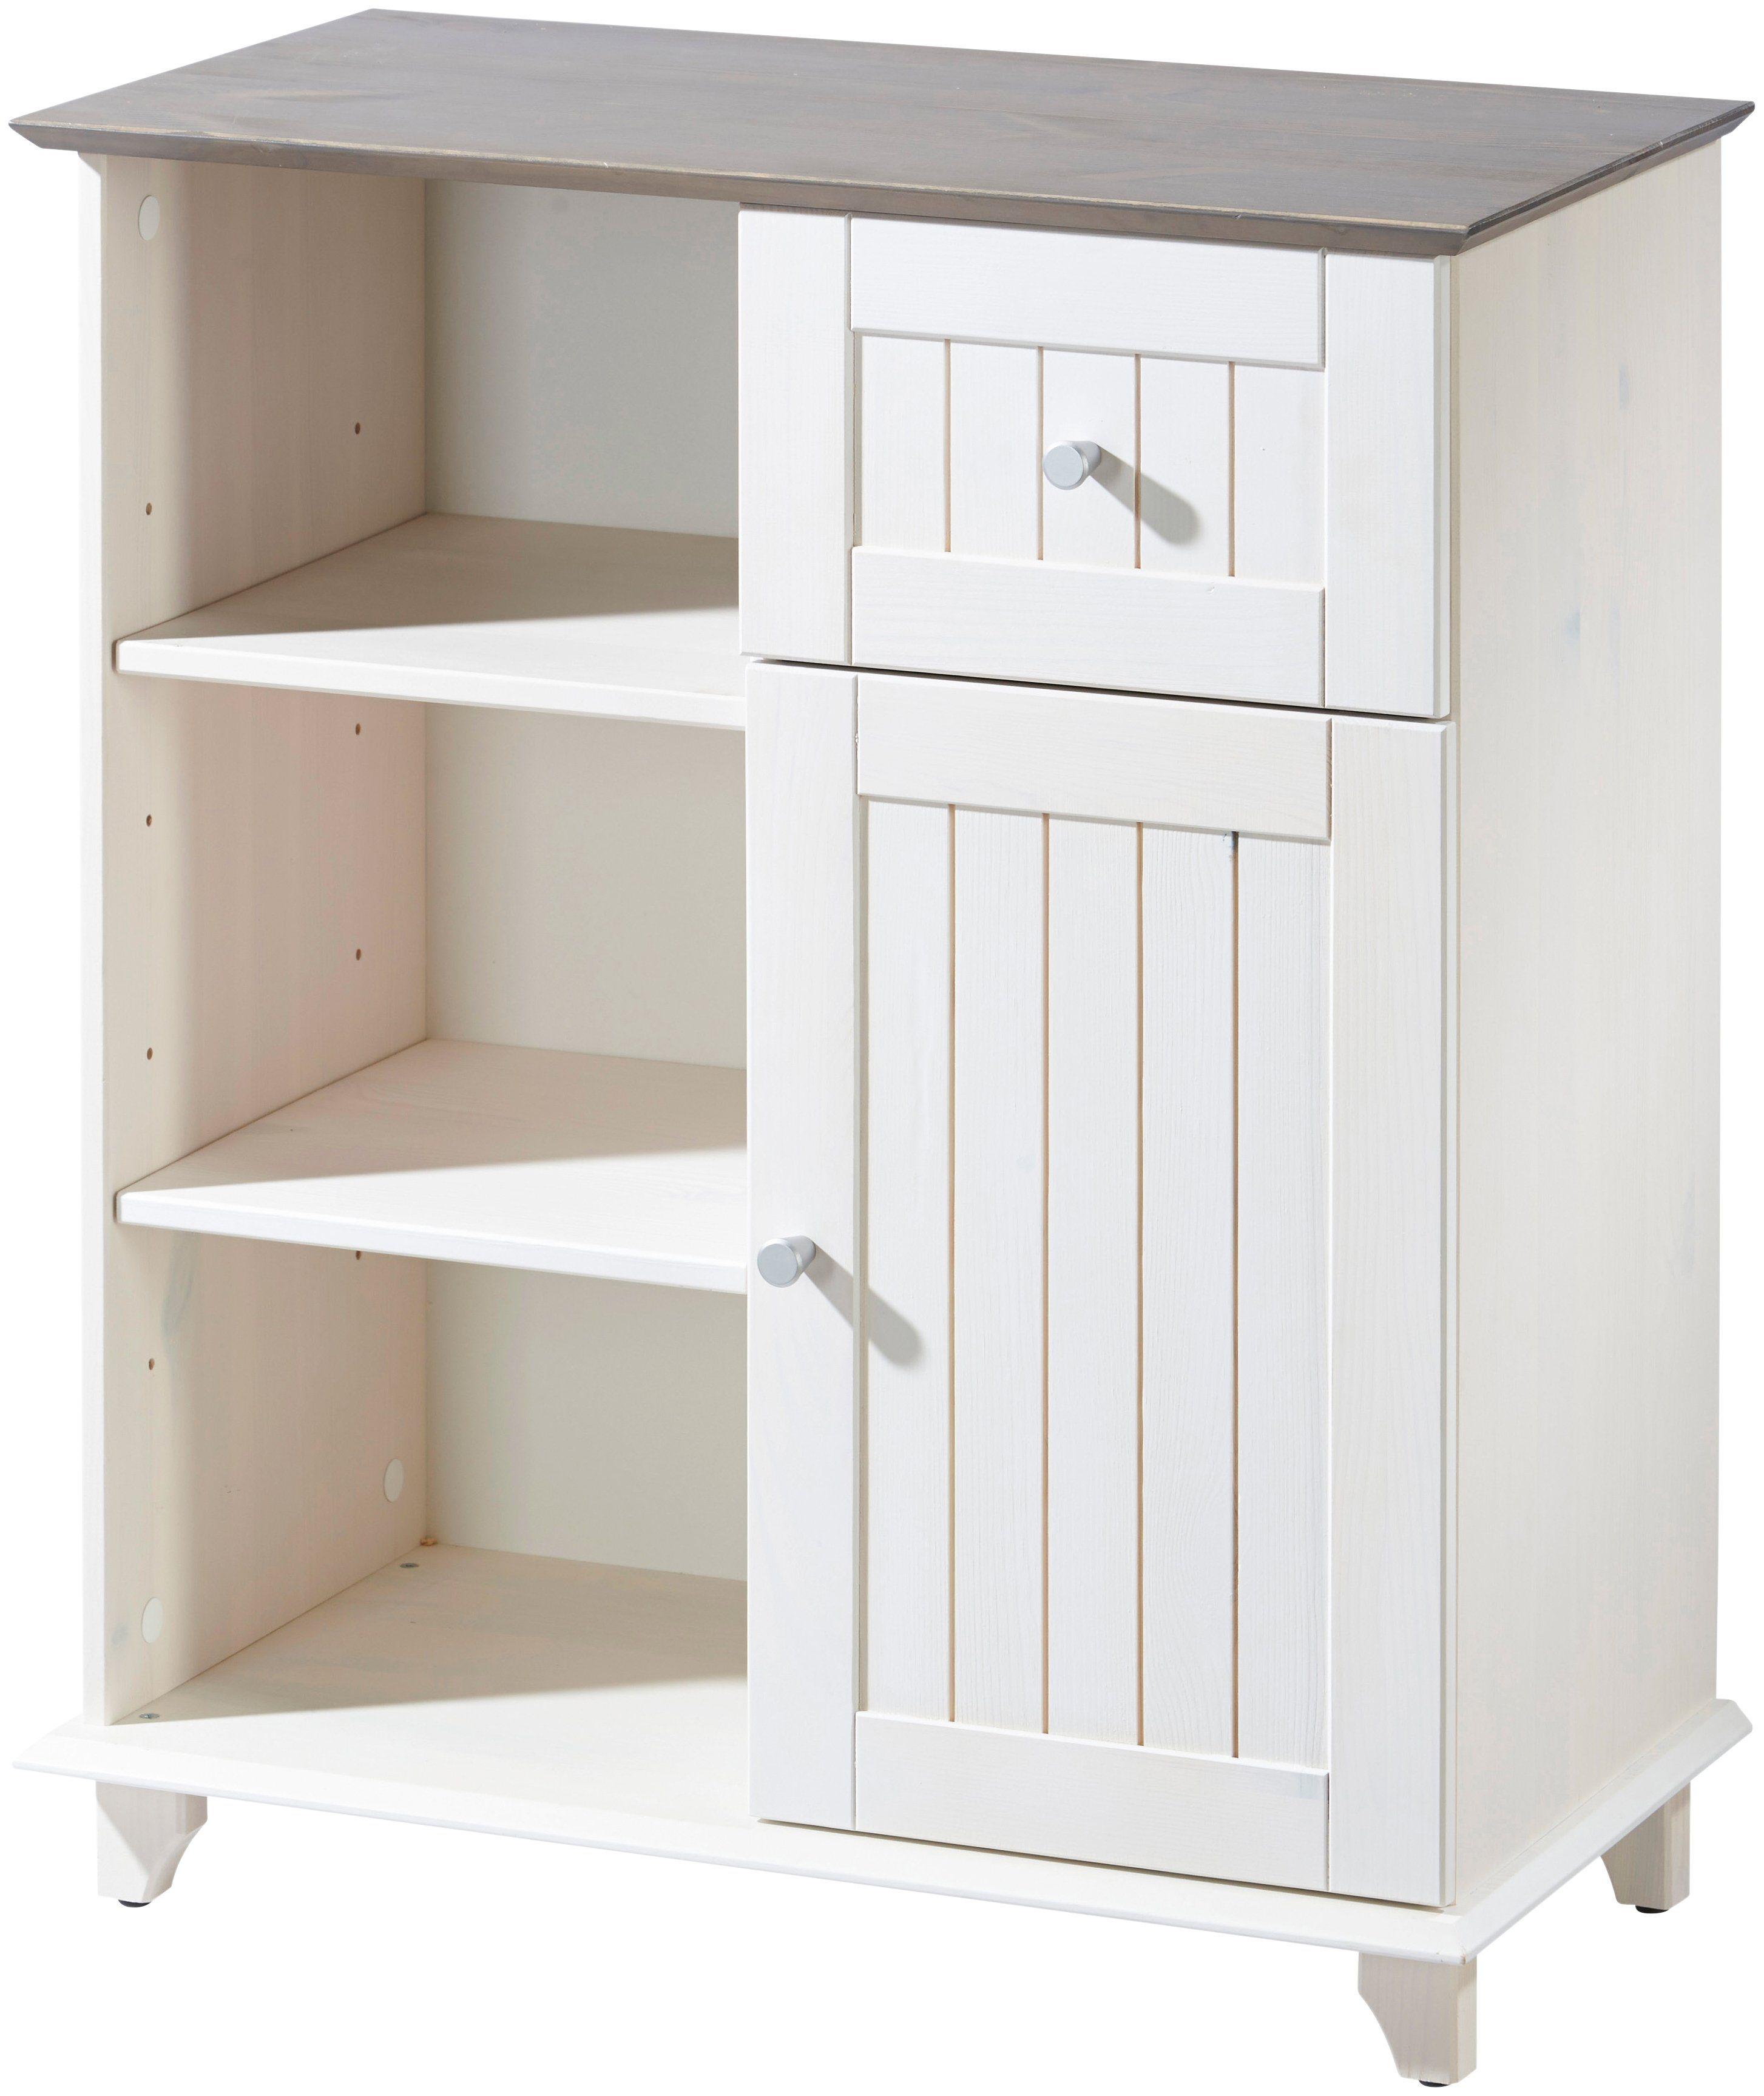 Küchen unterschrank landhaus  farbig-massivholz Küchen-Unterschränke online kaufen | Möbel ...